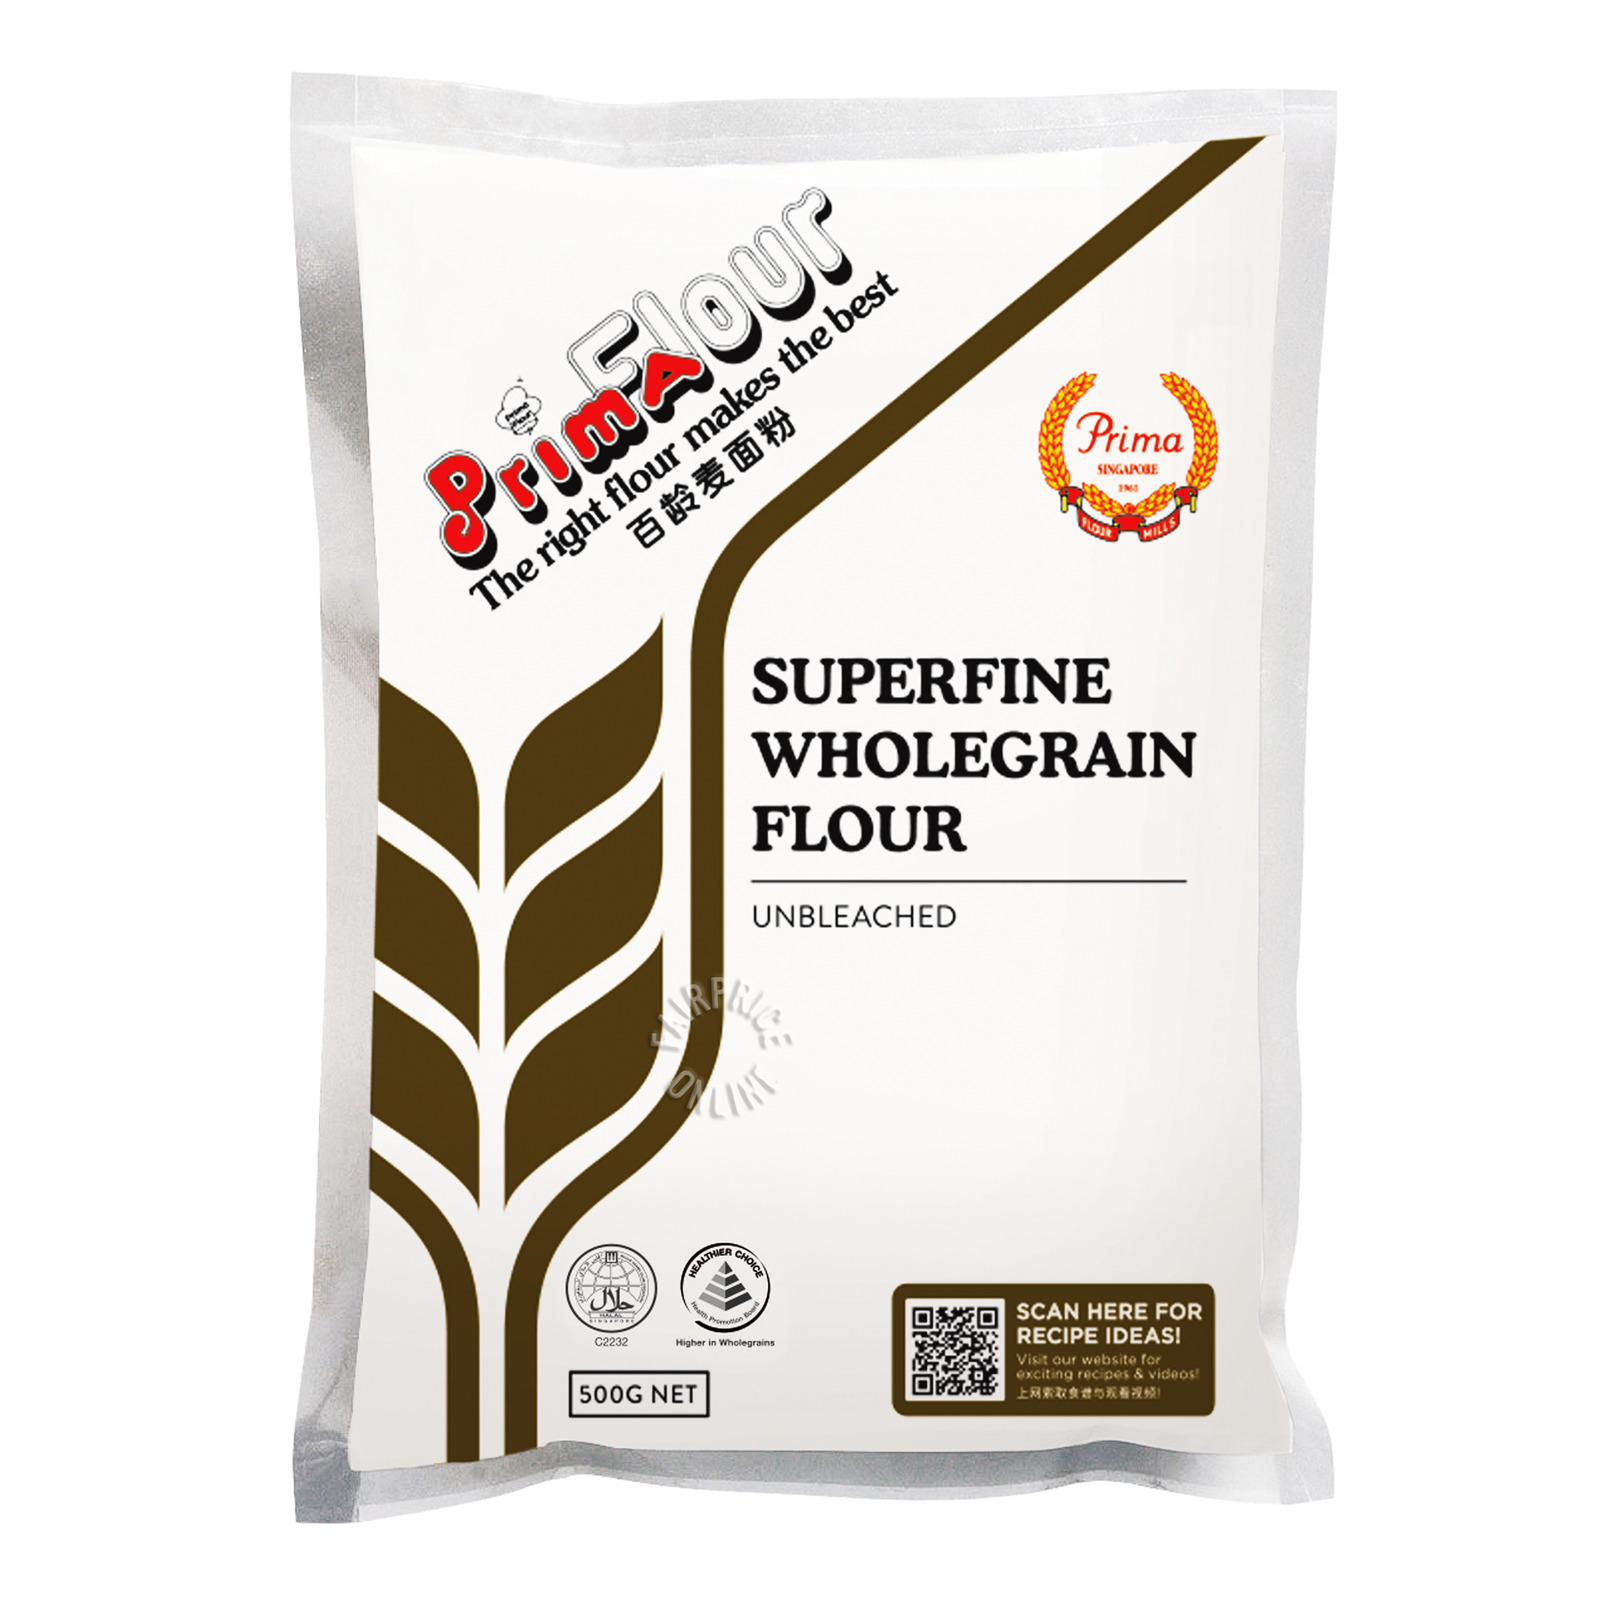 Prima Flour Packet Flour - Superfine Wholegrain (Unbleached)